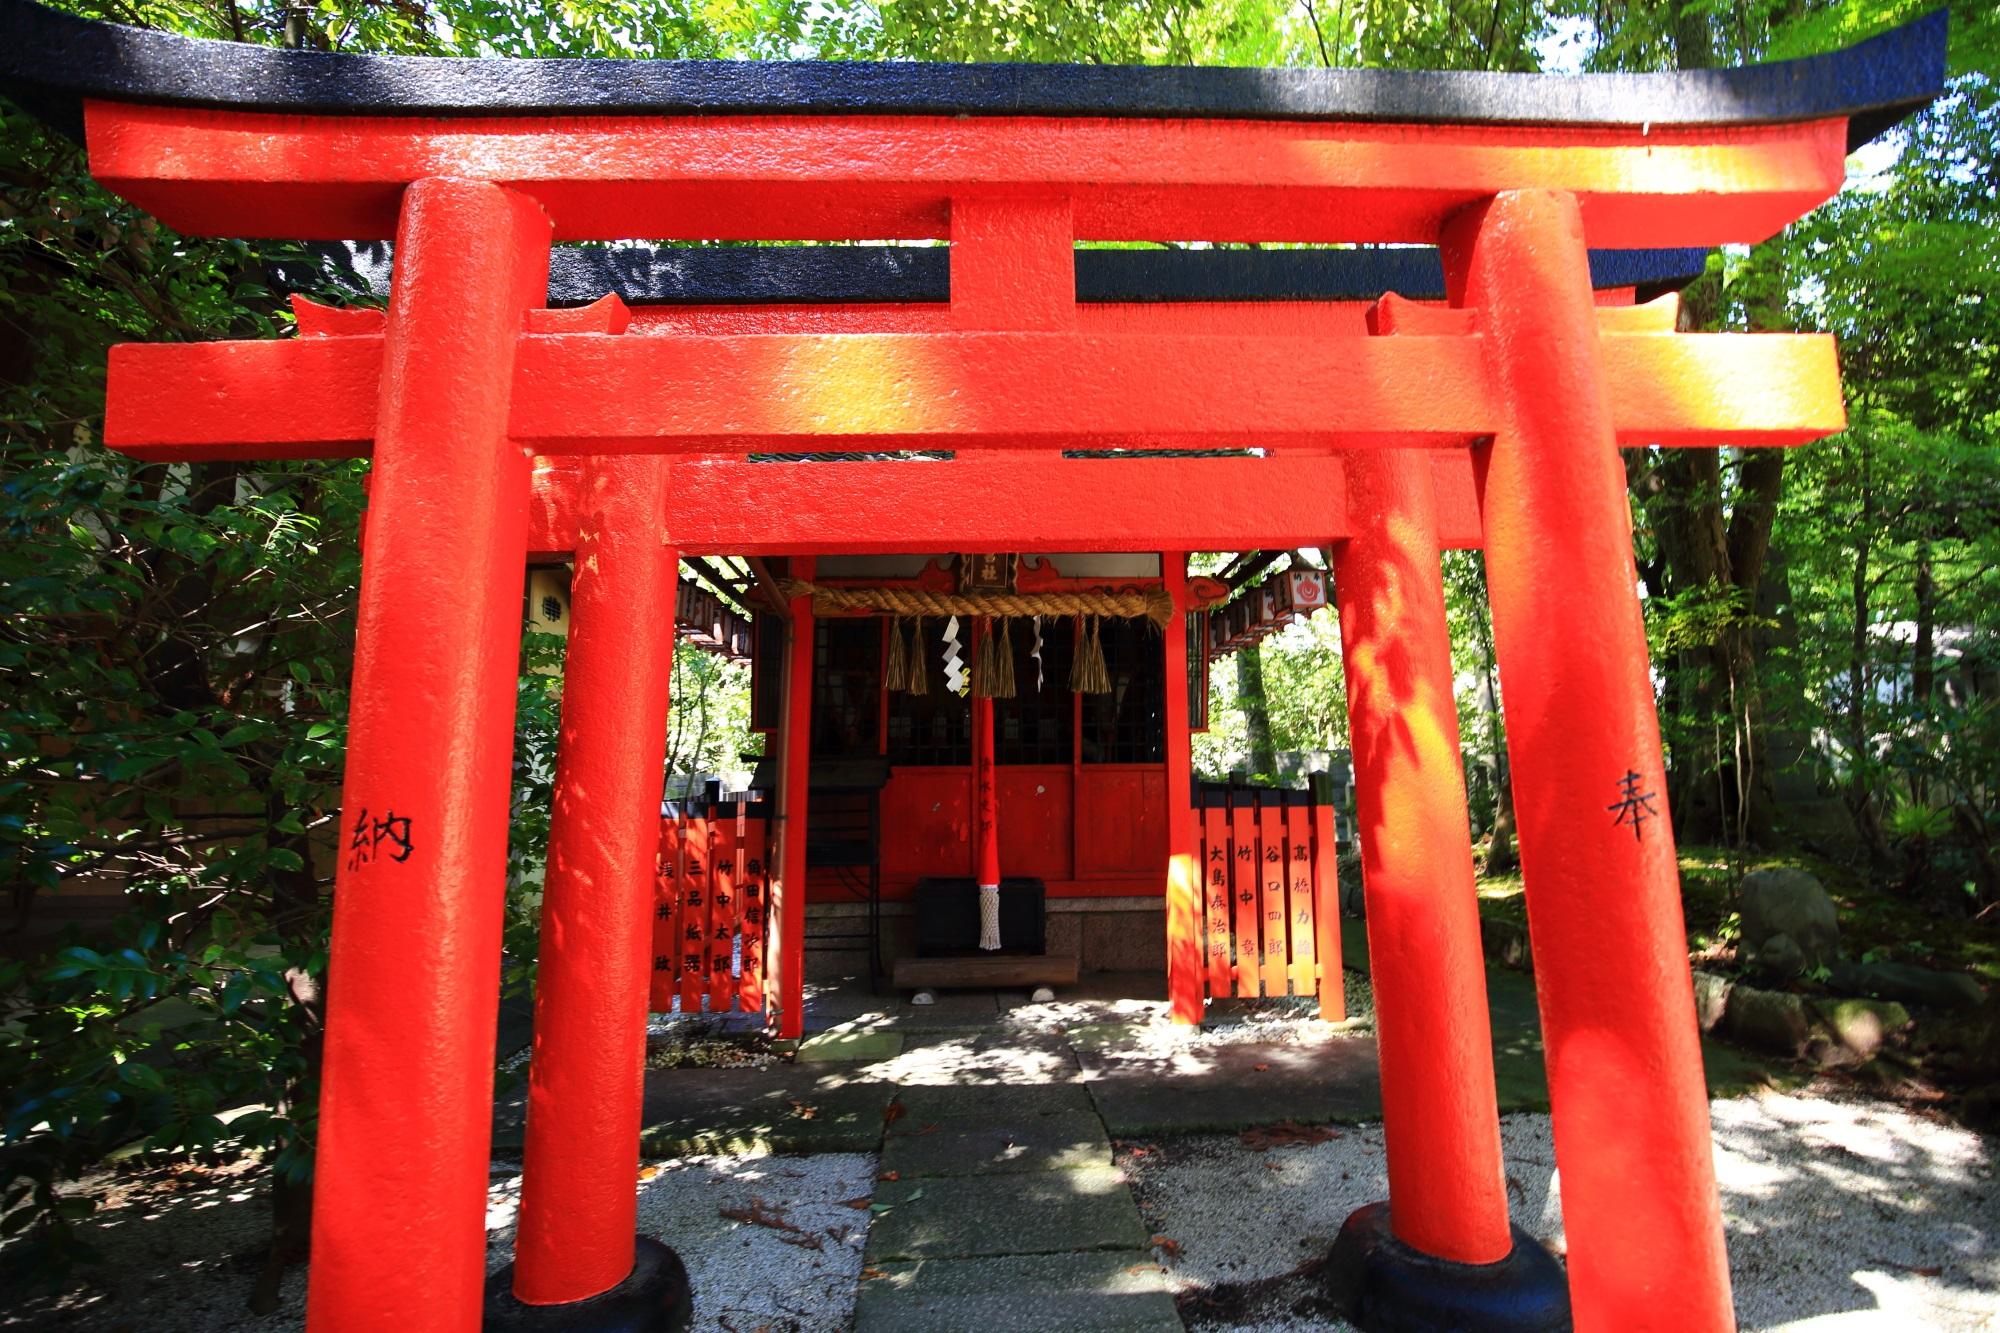 鮮やかな赤い鳥居が特徴的な宮繁稲荷神社